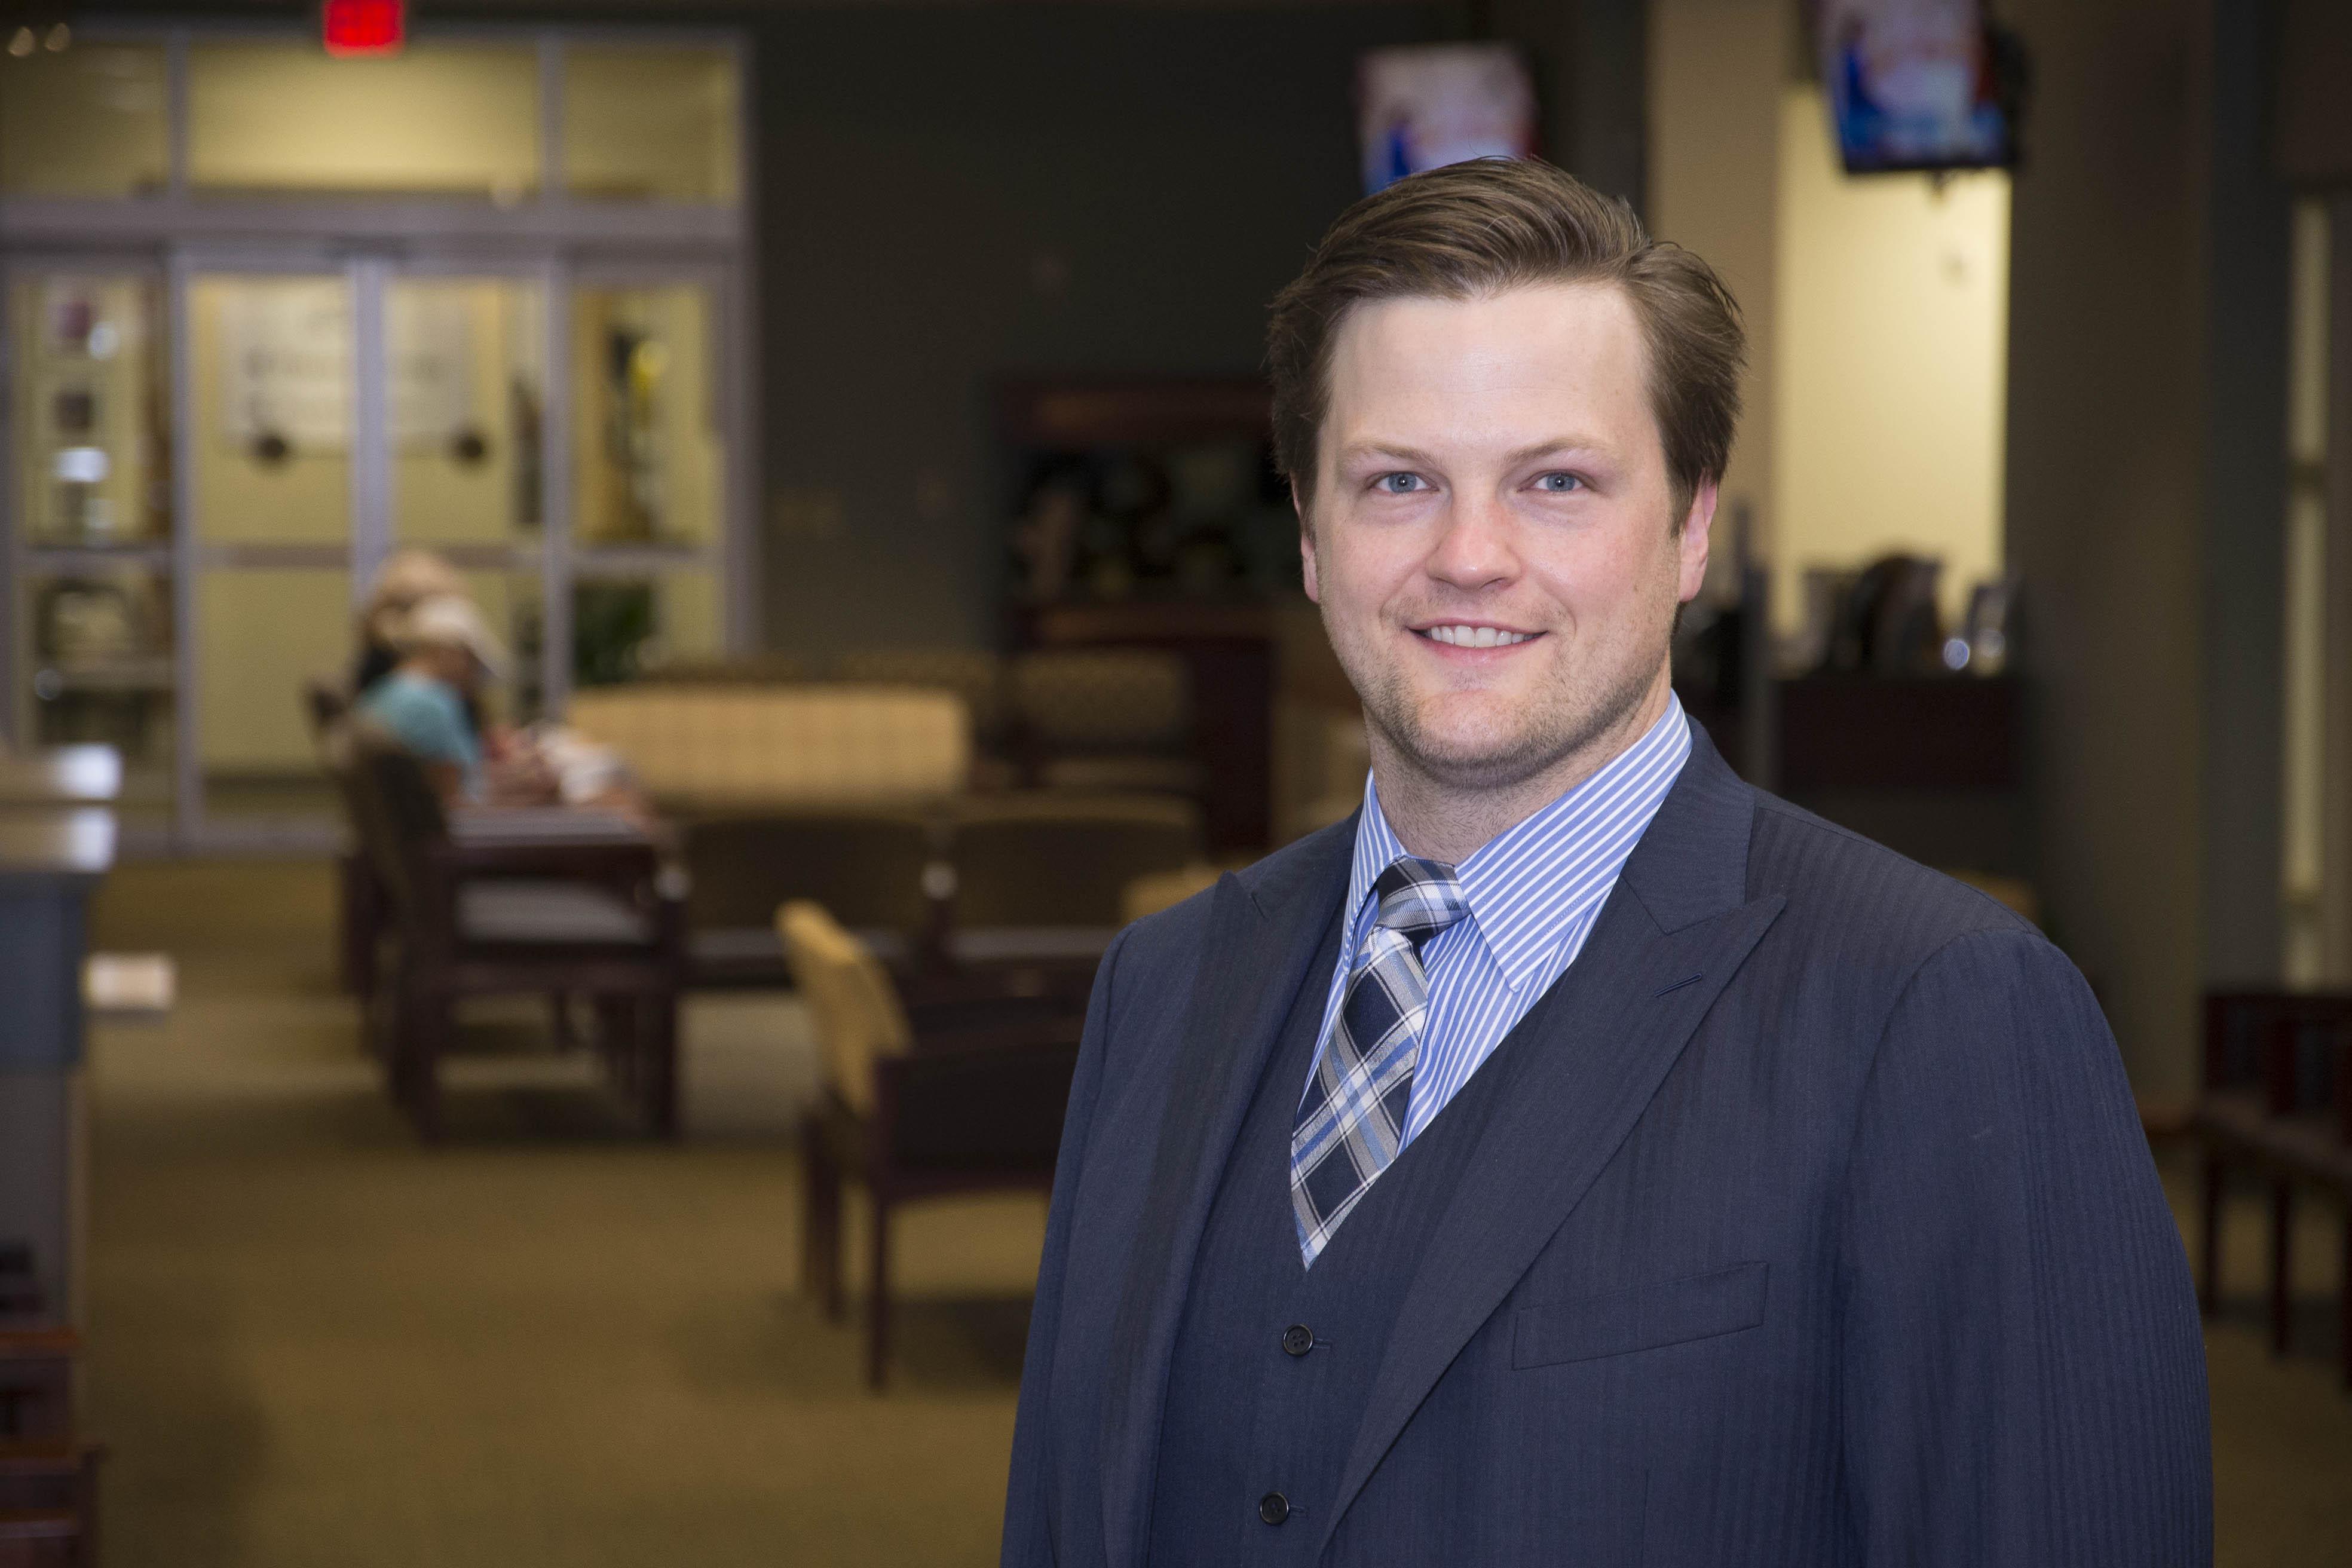 Dr. Michael Planalp